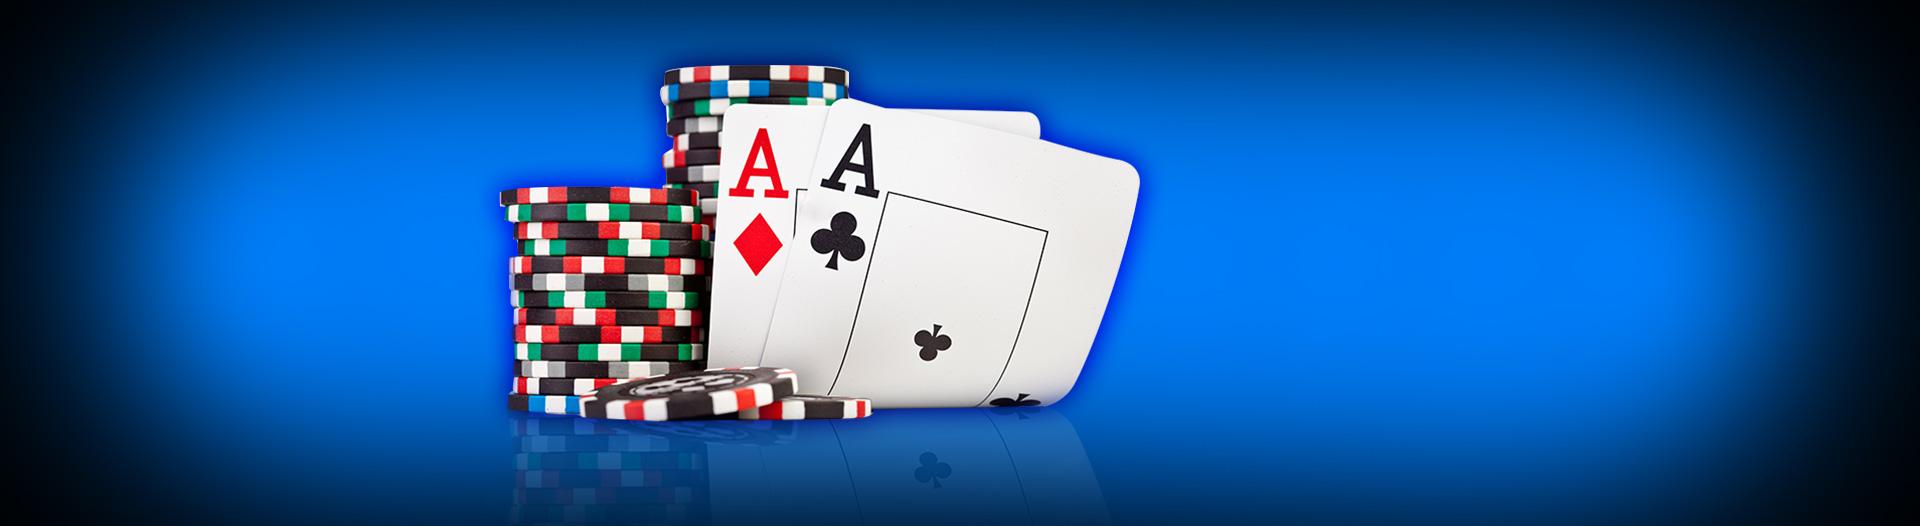 Gana descapotable en casino 888 poker jugar sin descargar-972719